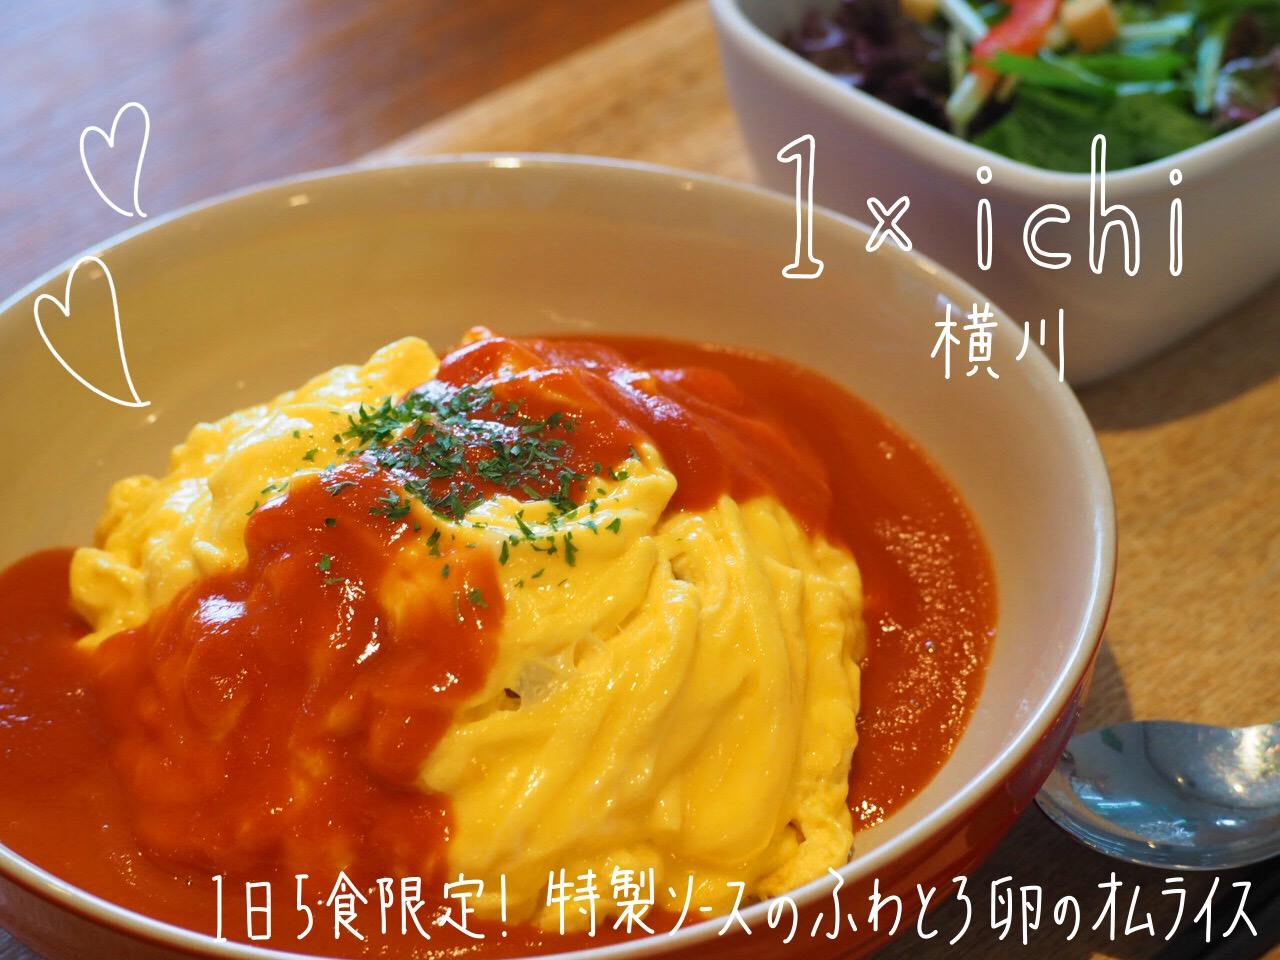 1×ichi